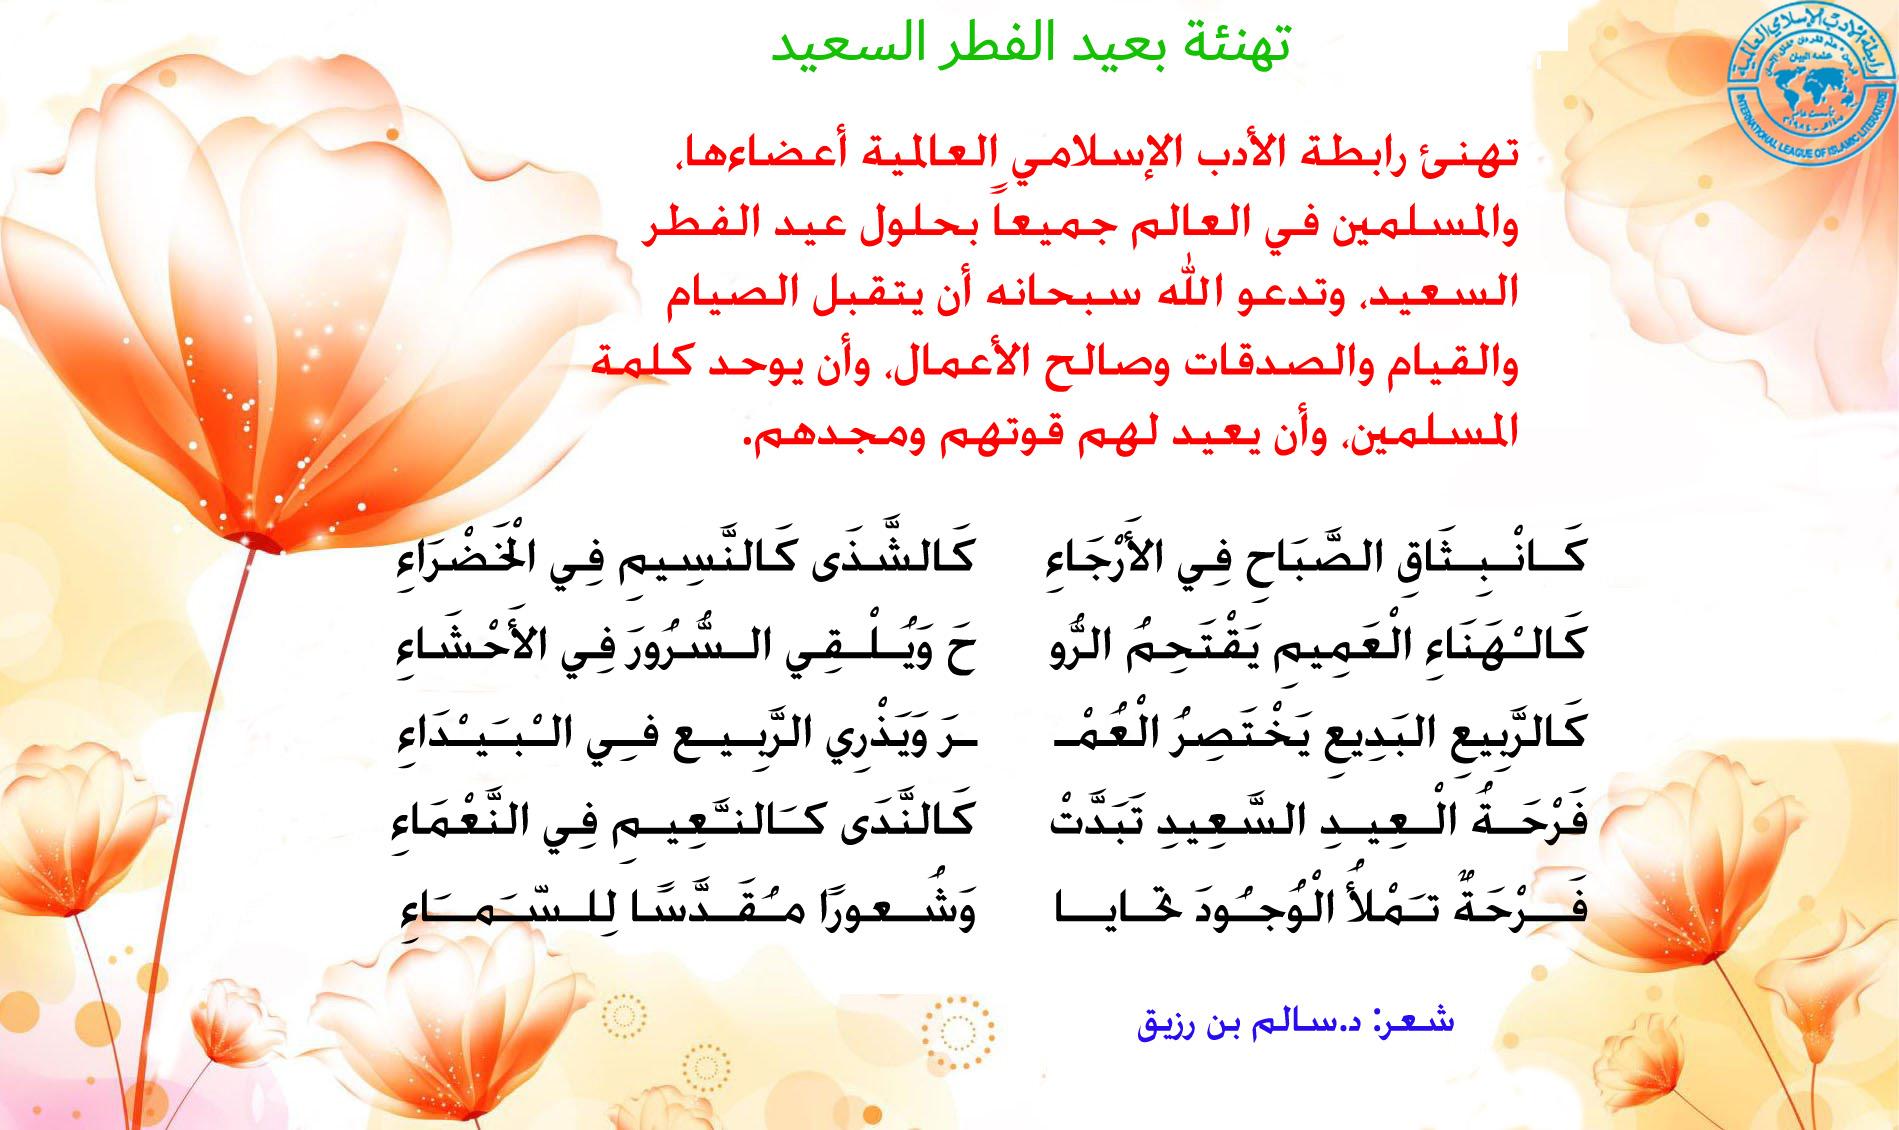 مجموعة صور لل قصائد تهنئة عيد الاضحى المبارك